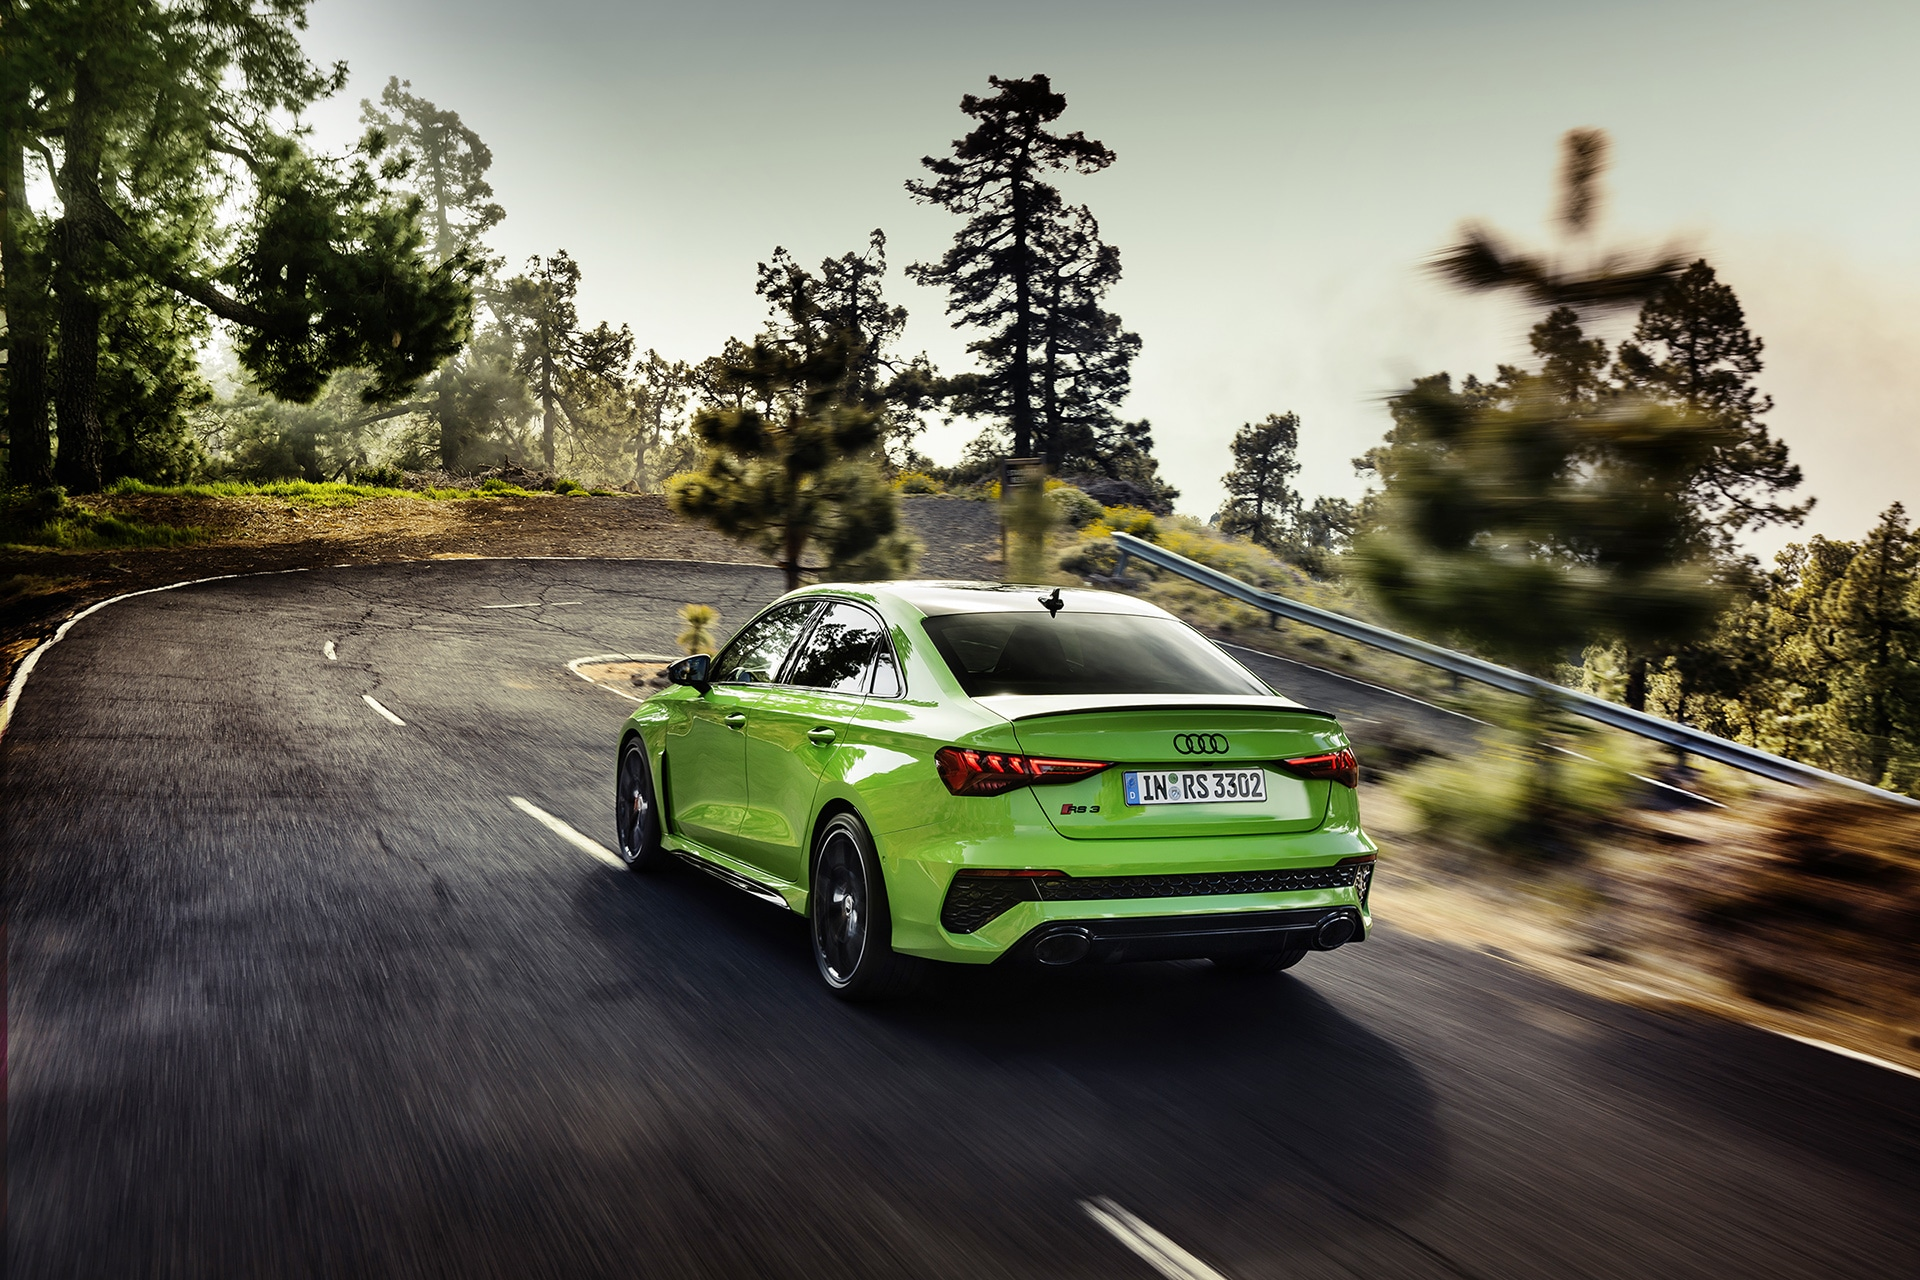 AUDI RS 3 SEDAN 4 Με drift mode, semi-slick και 400 PS έρχεται το Audi RS3 Audi, Audi RS3, drift, zblog, καινούρια, τιμές